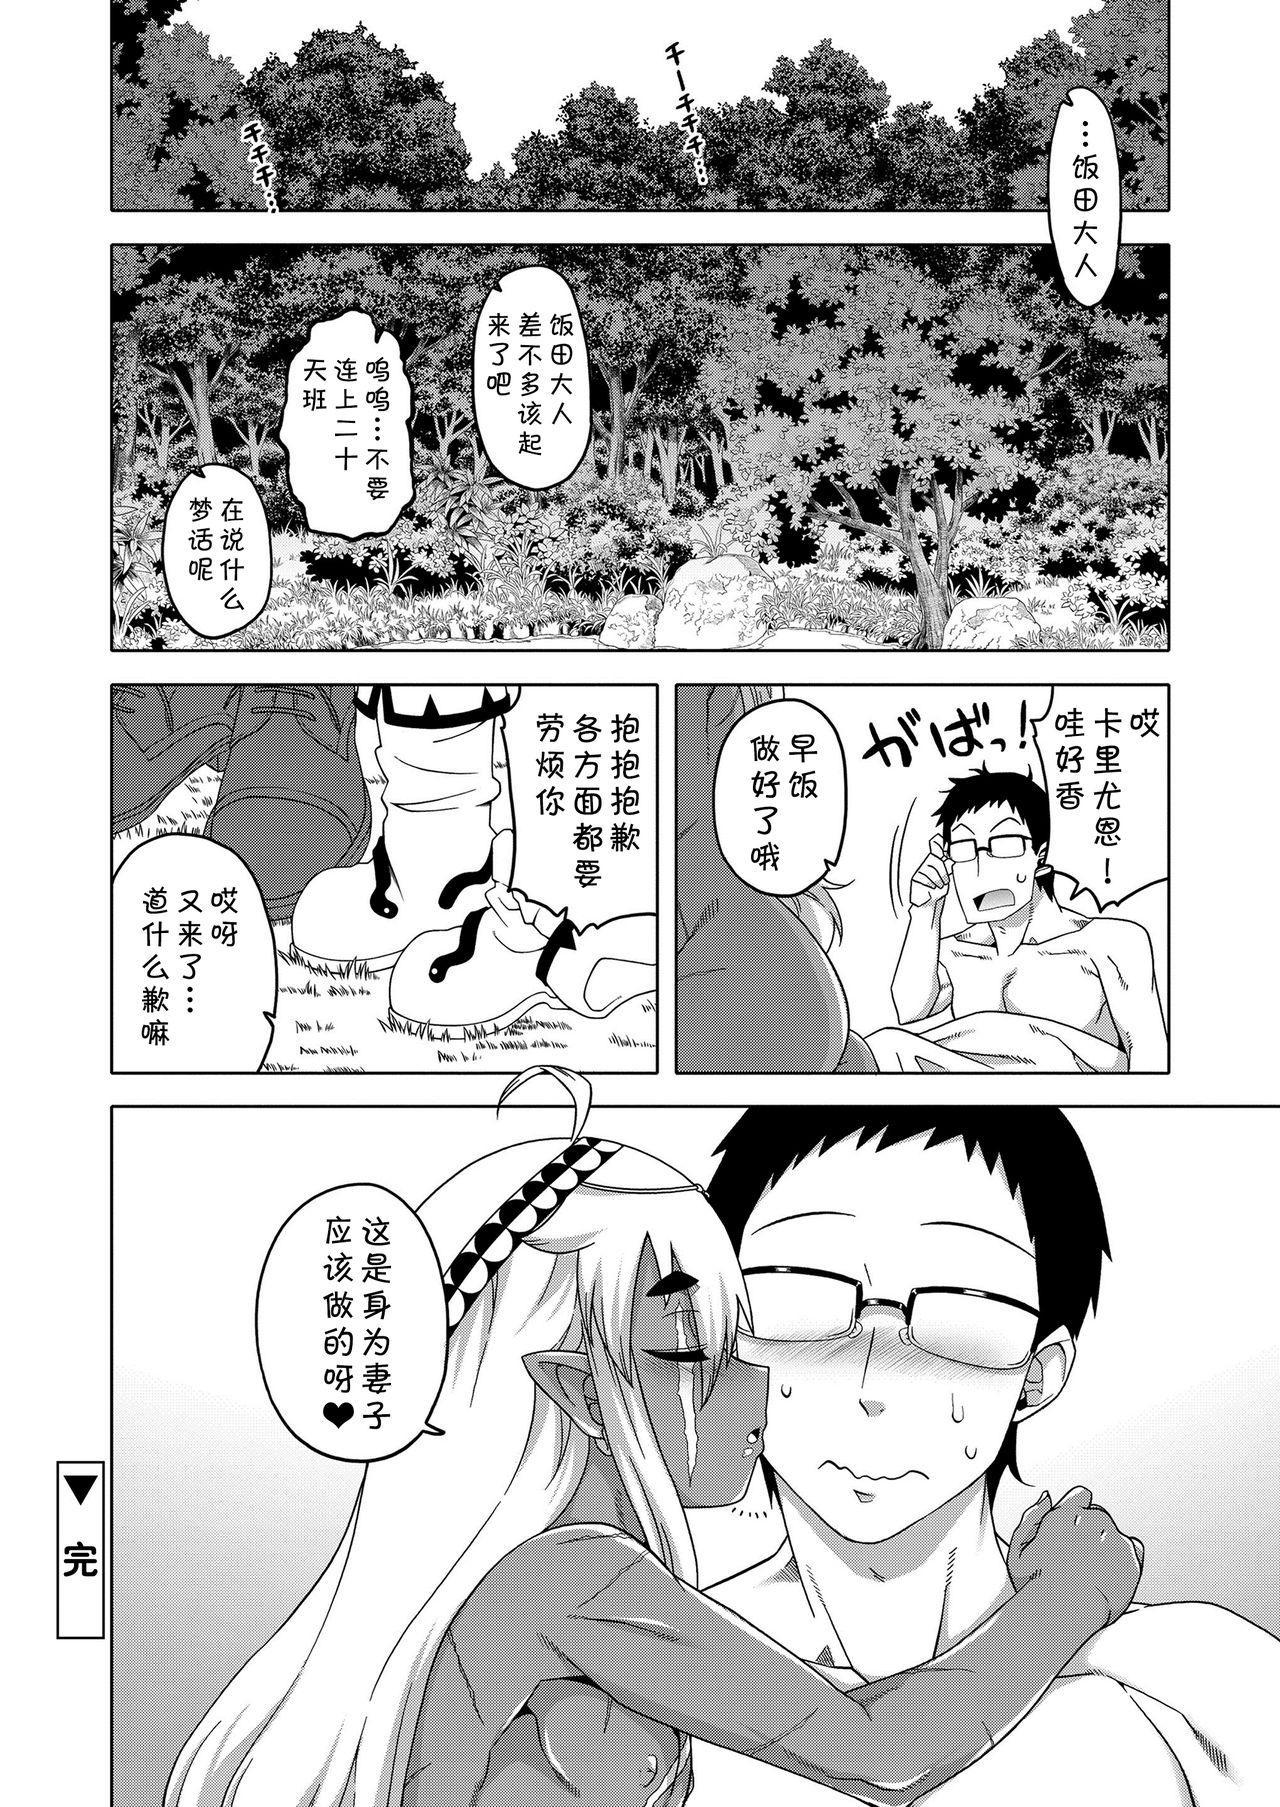 [Takatsu] Isekai de Elf no Yuusha(♂) ga Yome ni Natte Kureru You desu !? Ch.1-2 [Chinese] [theoldestcat汉化] [Digital] 28